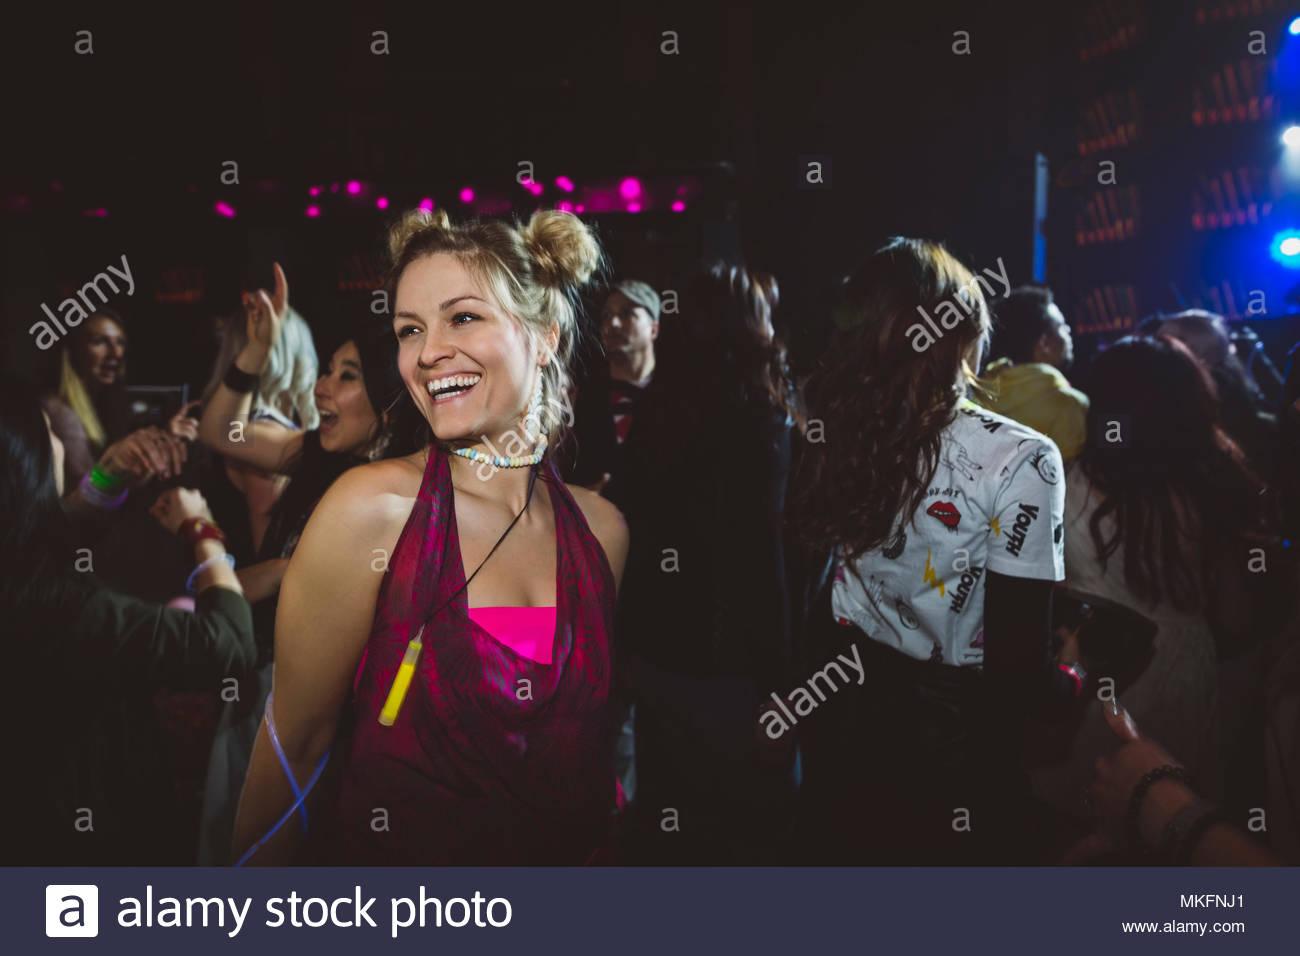 Zuversichtlich, unbeschwerte weiblichen Tausendjährigen tanzen und feiern in der Diskothek Stockbild